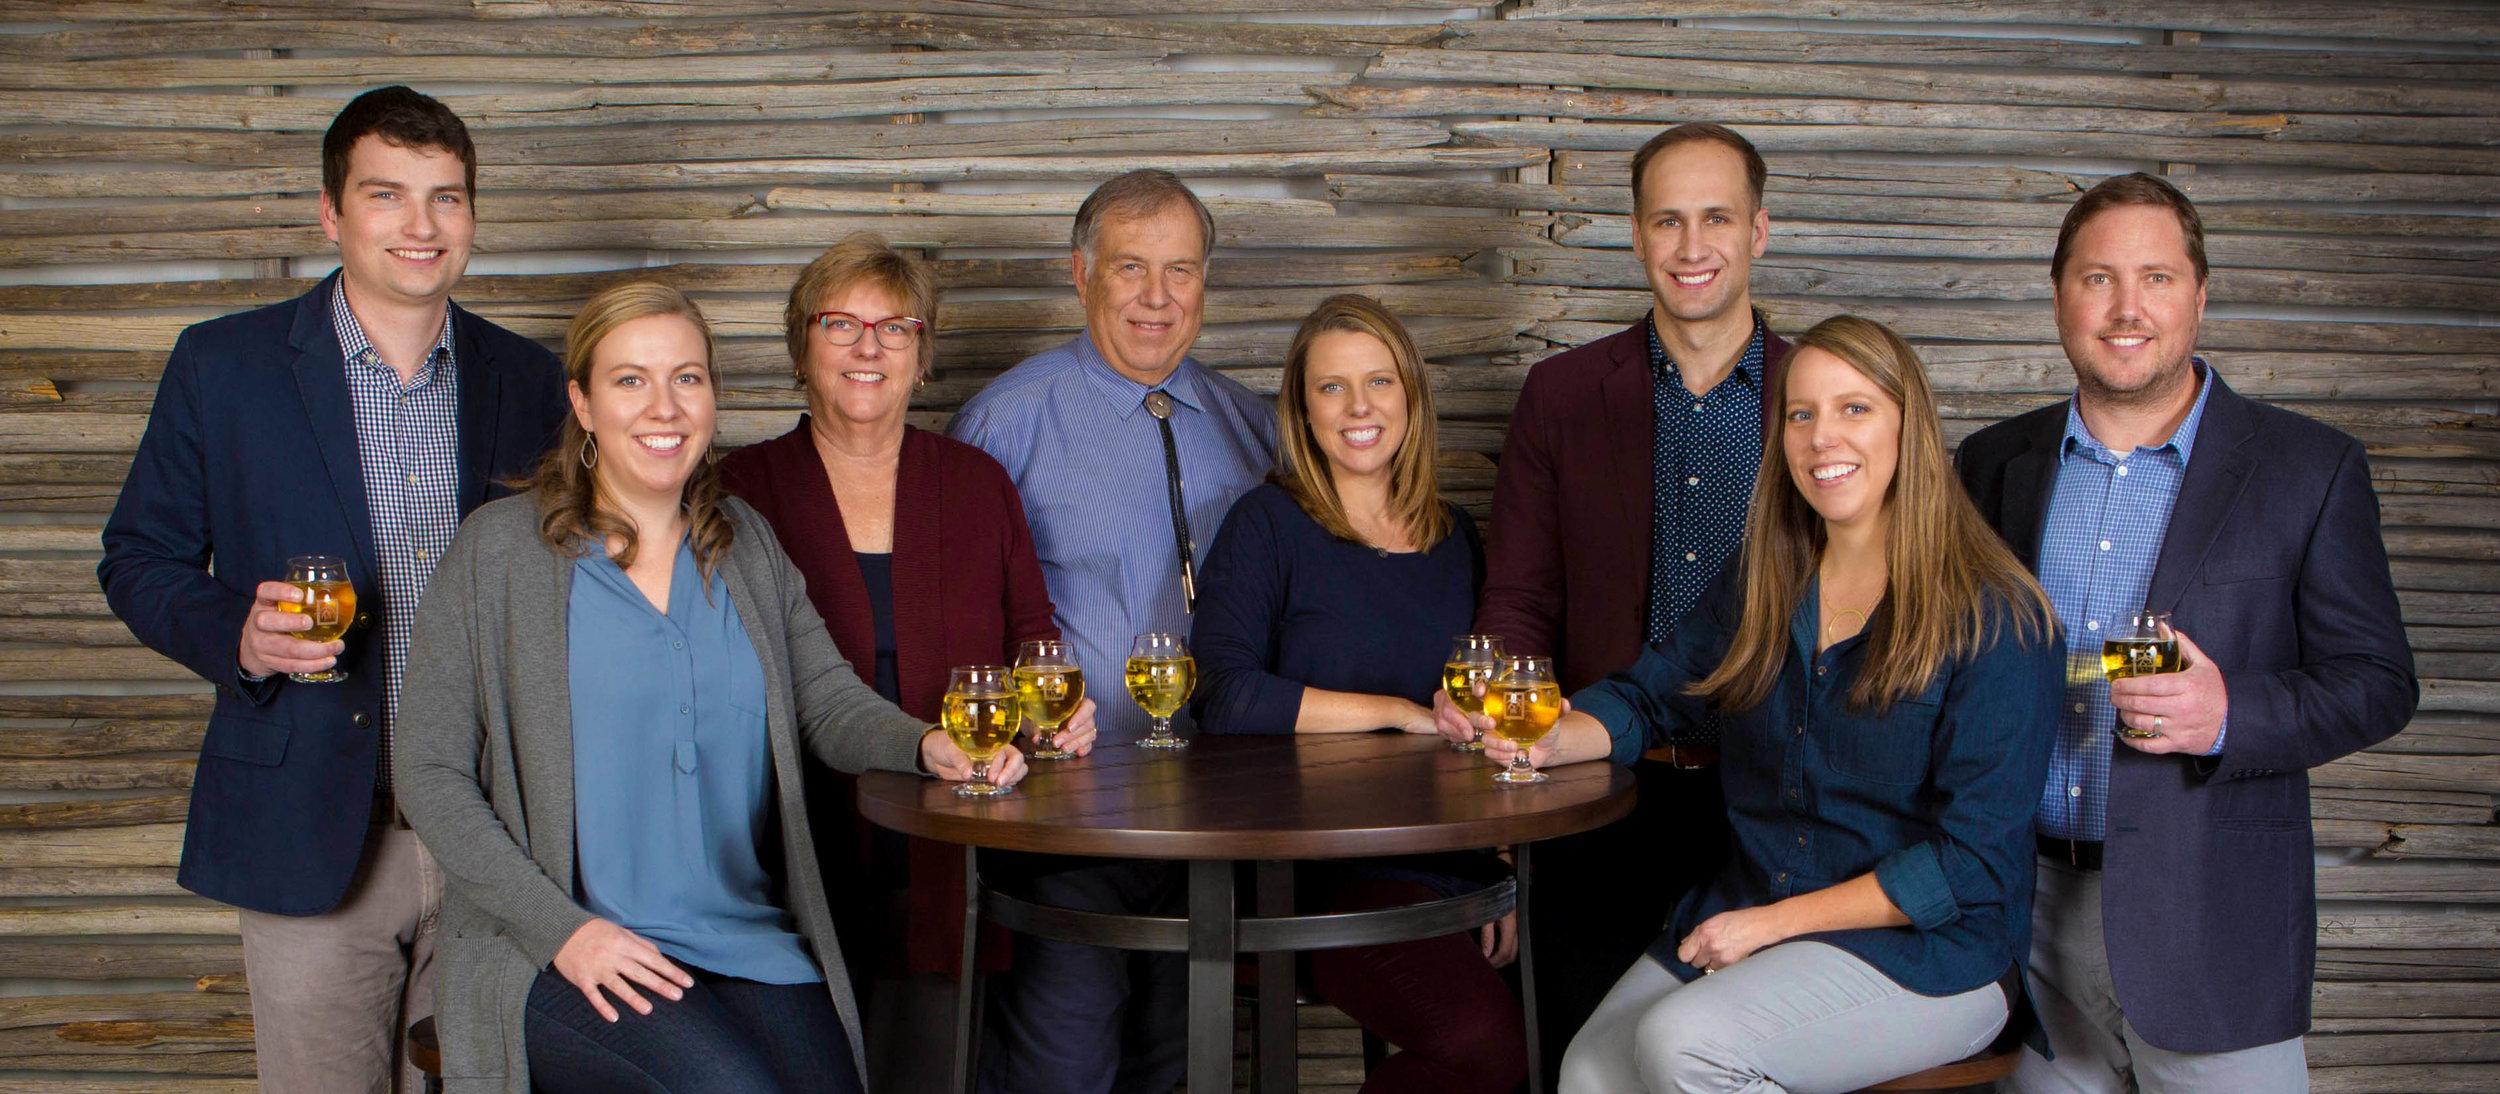 Left to right: James Caddey, Anna Koenig Caddey, Cheryl Koenig, Jim Koenig, Emily Koenig McLean, Nick McLean, Kate Koenig Howard, and Jesse Howard.